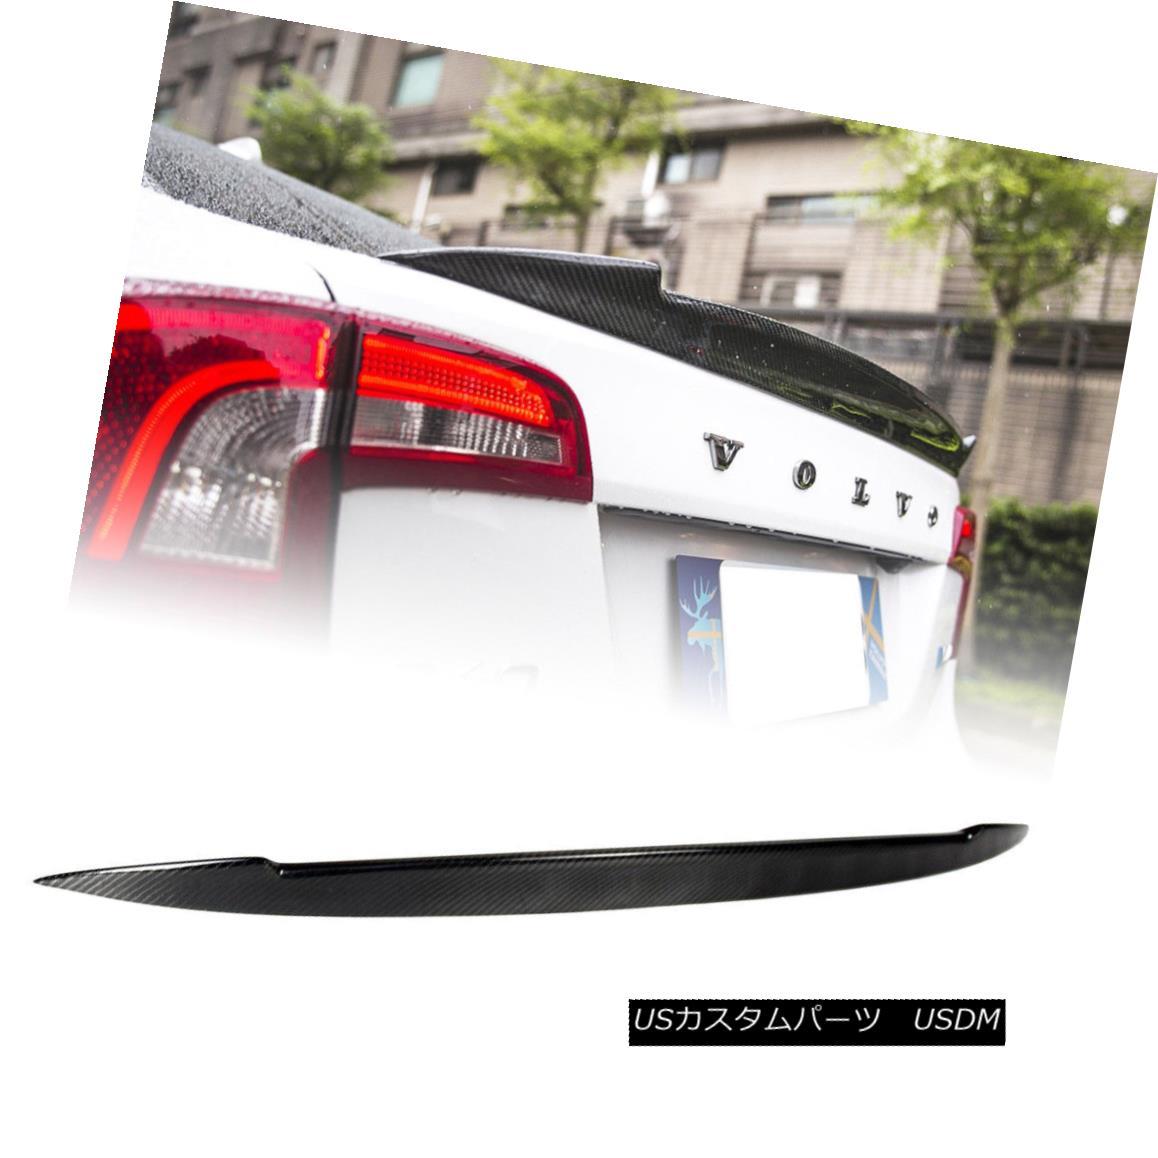 エアロパーツ Real Carbon Fiber V Style Trunk Spoiler For VOLVO S60 T5 T6 Sport 4D Sedan 11-17 VOLVO S60 T5 T6スポーツ4Dセダン11-17用リアルカーボンファイバーVスタイルトランク・スポイラー